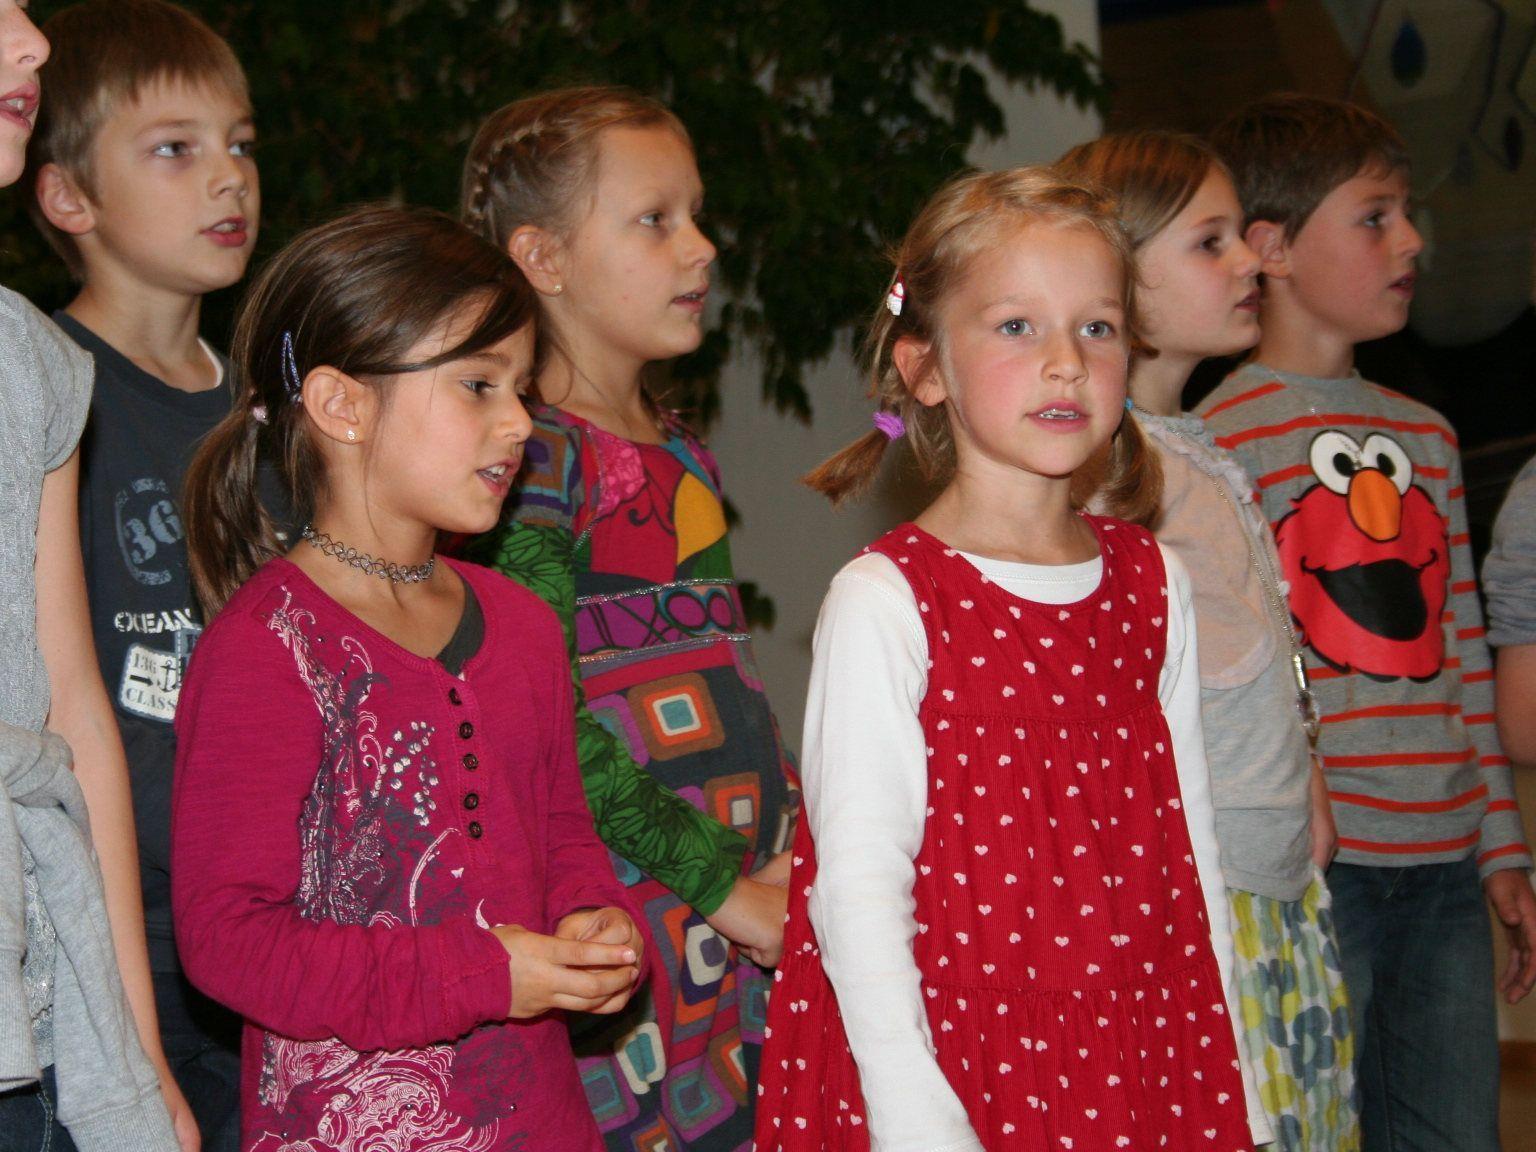 Der Kinderchor überzeugte mit vielen schönen Liedern.